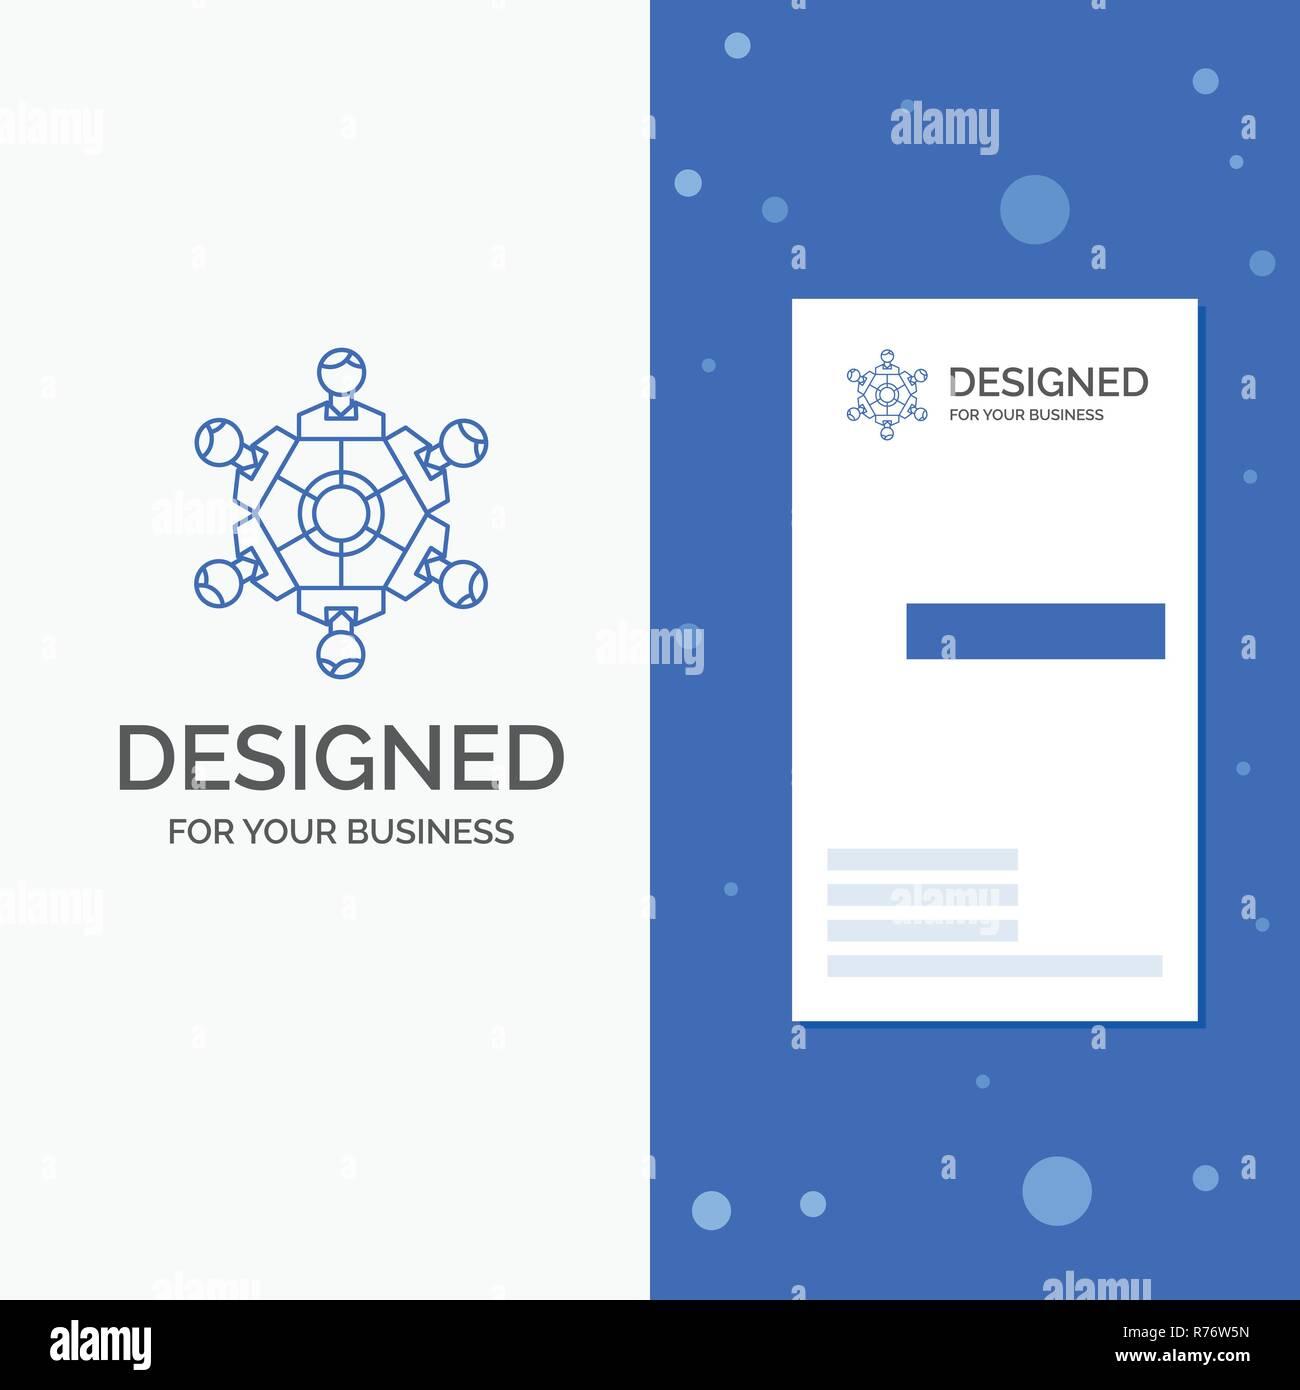 Logo Dentreprise De Cooperation Damis Jeu Jeux Jouer Bleu Vertical Affaires Modele Carte Visite